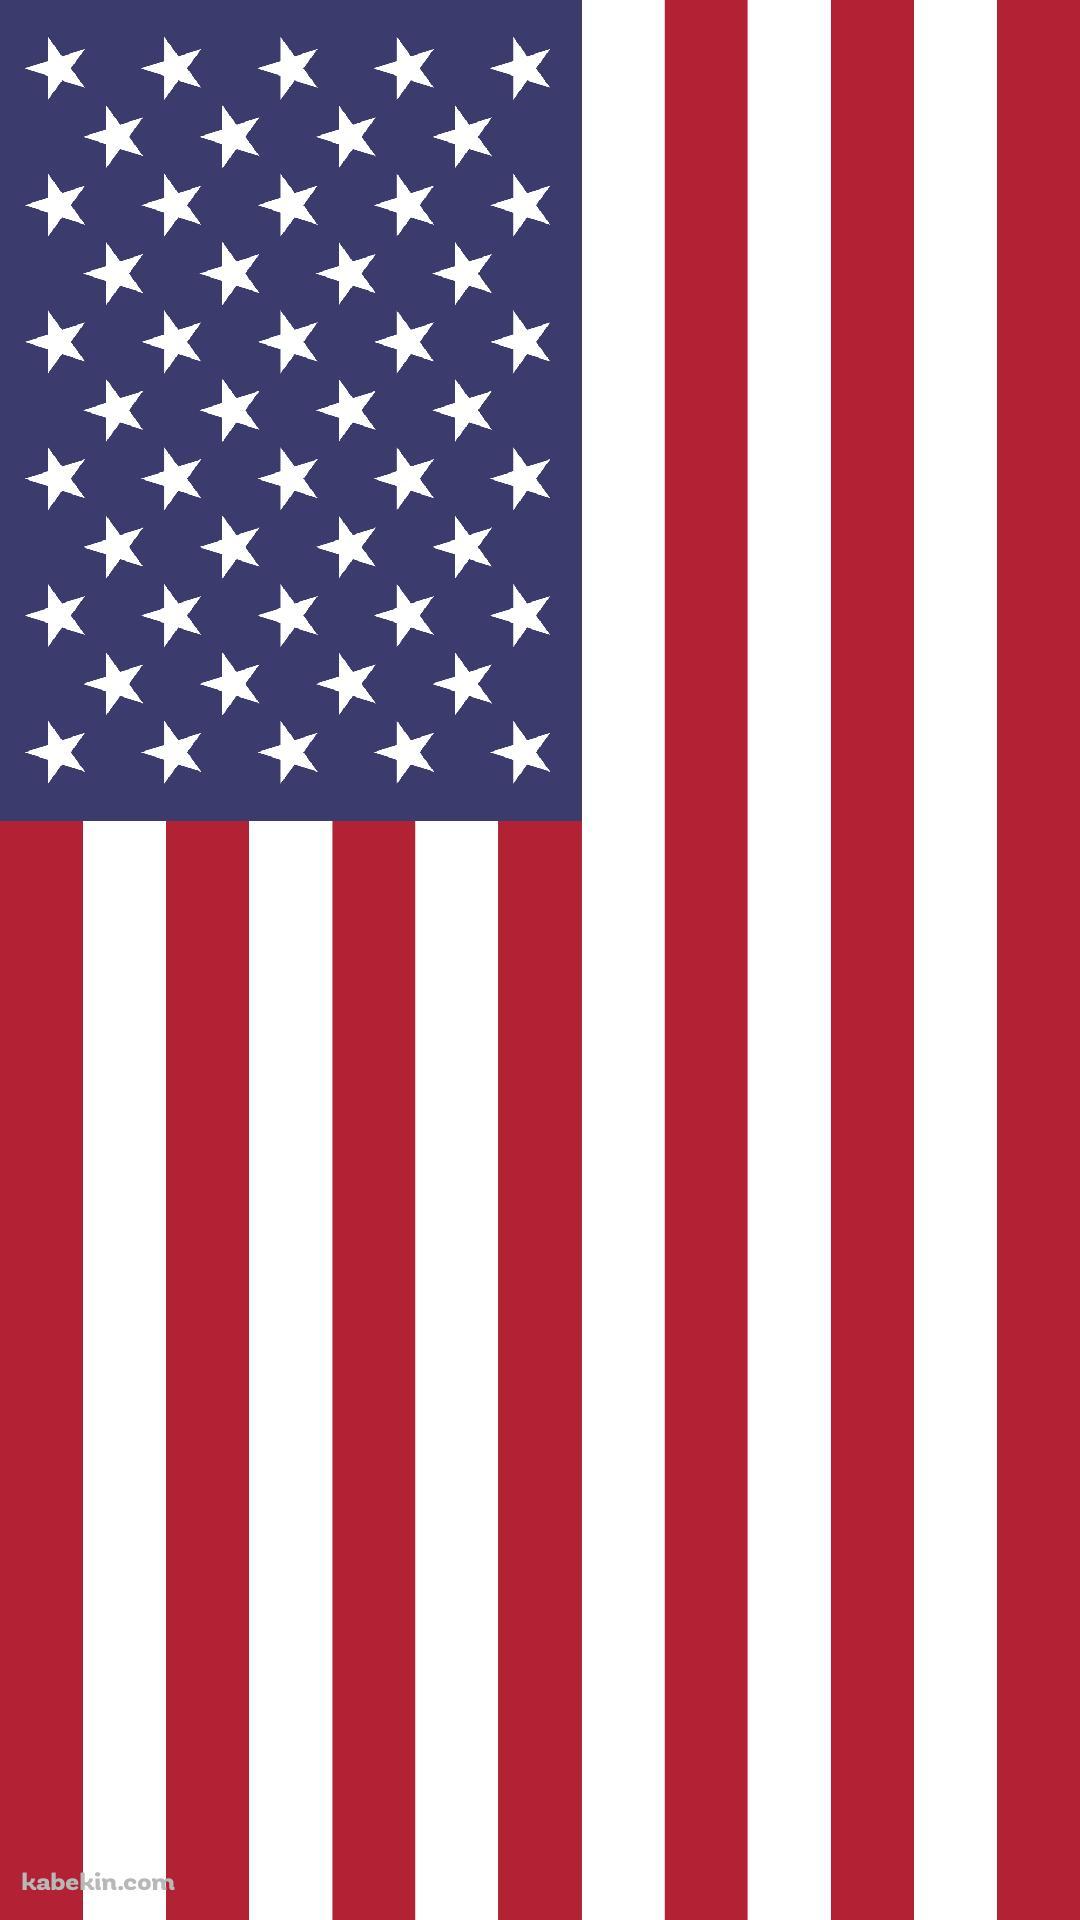 Usa アメリカの国旗のandroid壁紙 1080 X 1920 壁紙キングダム スマホ版